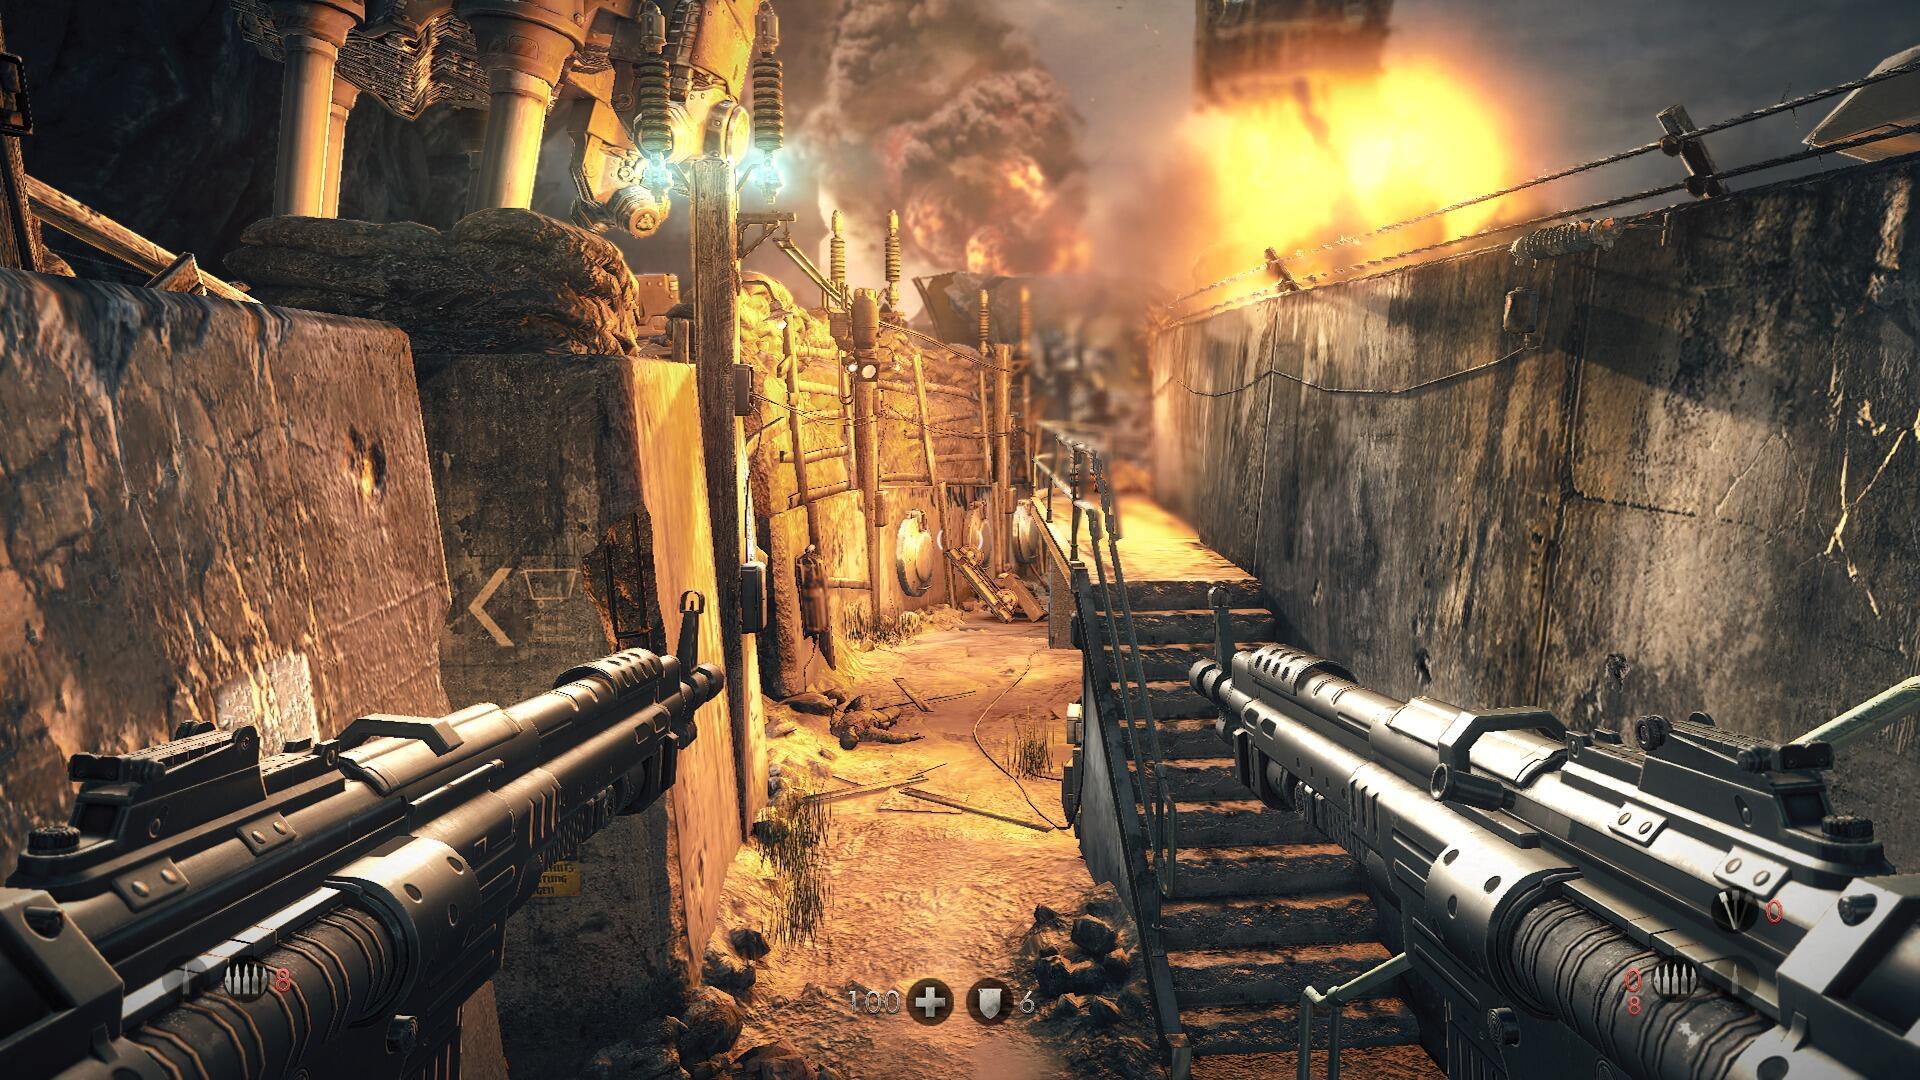 Double fusil d'assault dès le 1er niveau ! #wolfenstein #PS4share #ps4 http://t.co/VMEcIkpZlT